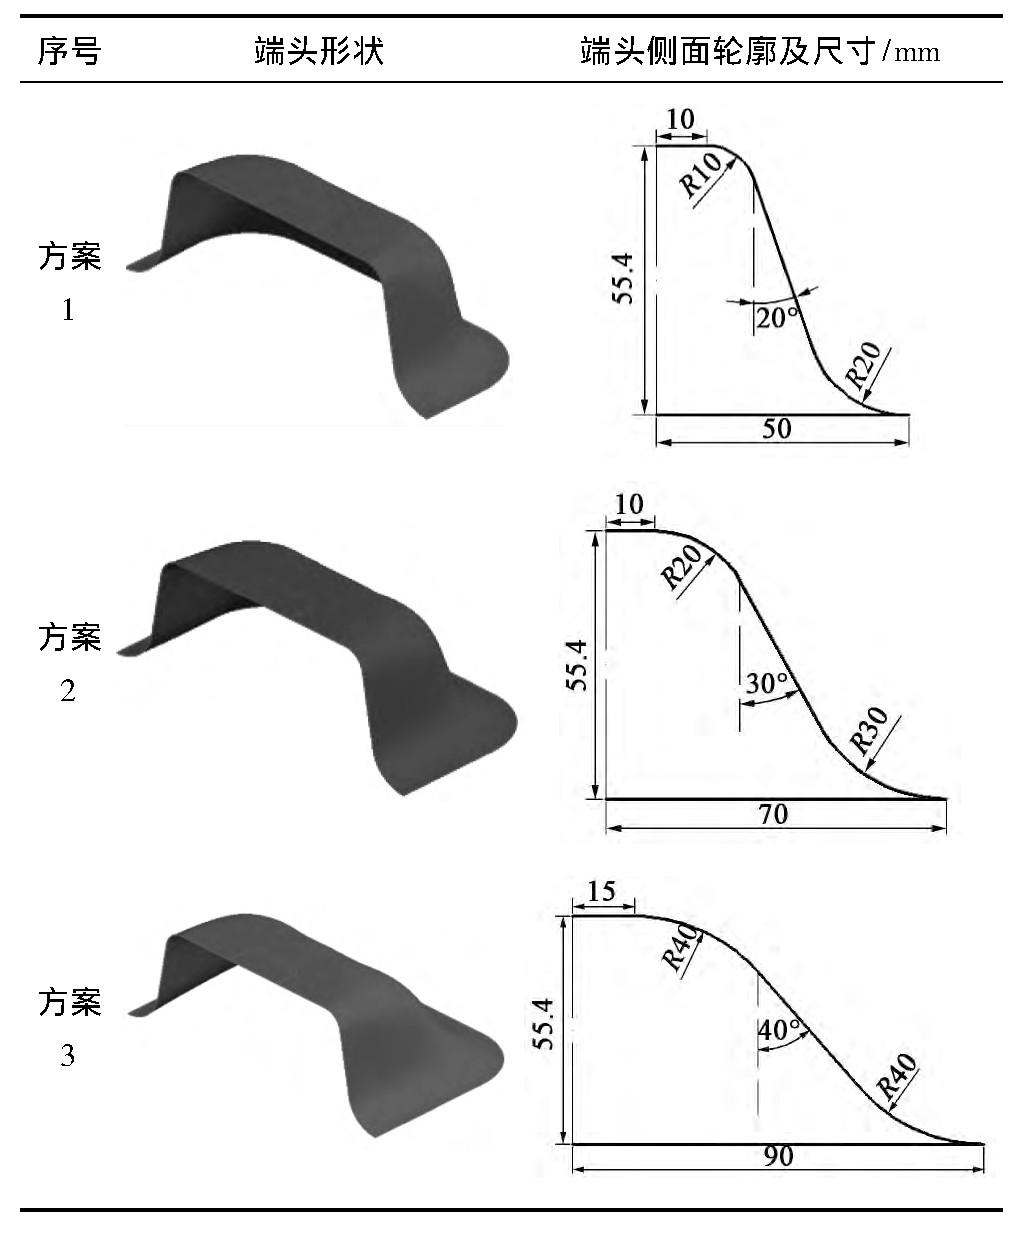 表1 3种端头形状、侧面轮廓及尺寸示意图